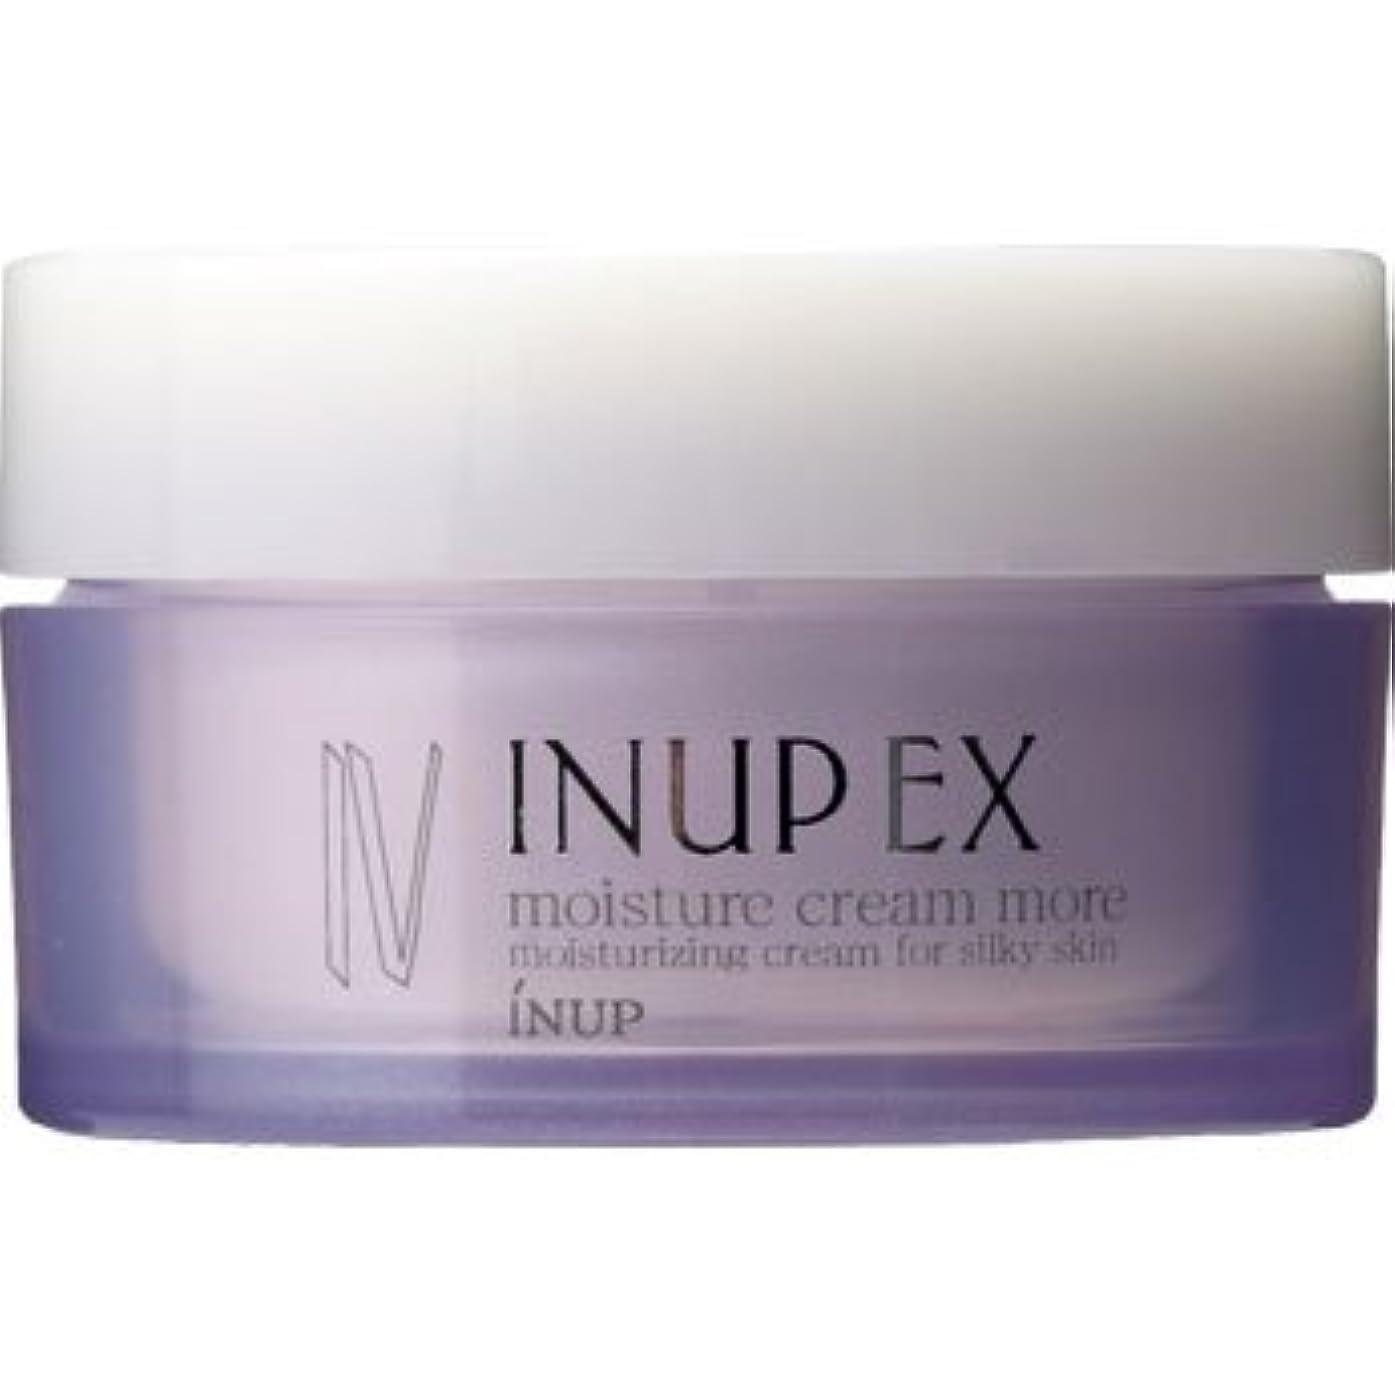 修士号虚栄心期待するインナップEX 保湿クリーム (潤い効果アップ) モイスチャークリーム MD (スパチュラ付)[弱酸性] 30g